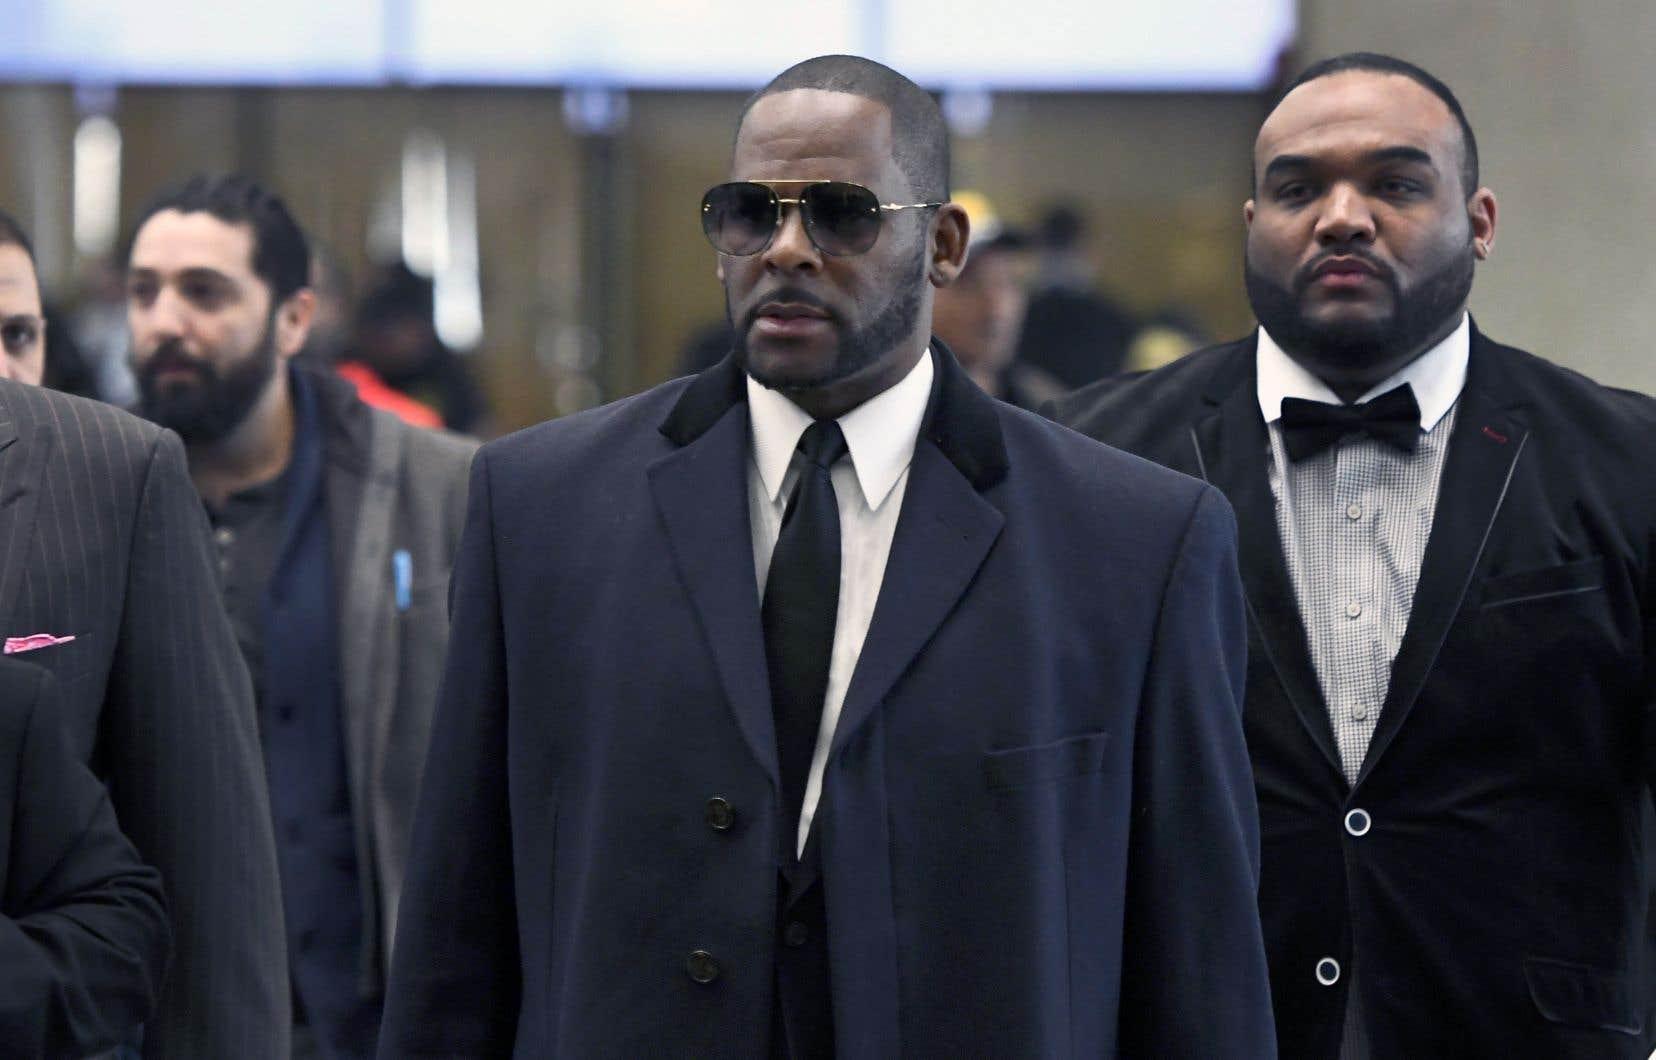 Le chanteur R. Kelly, lors de son passage au palais de justice de Chicago